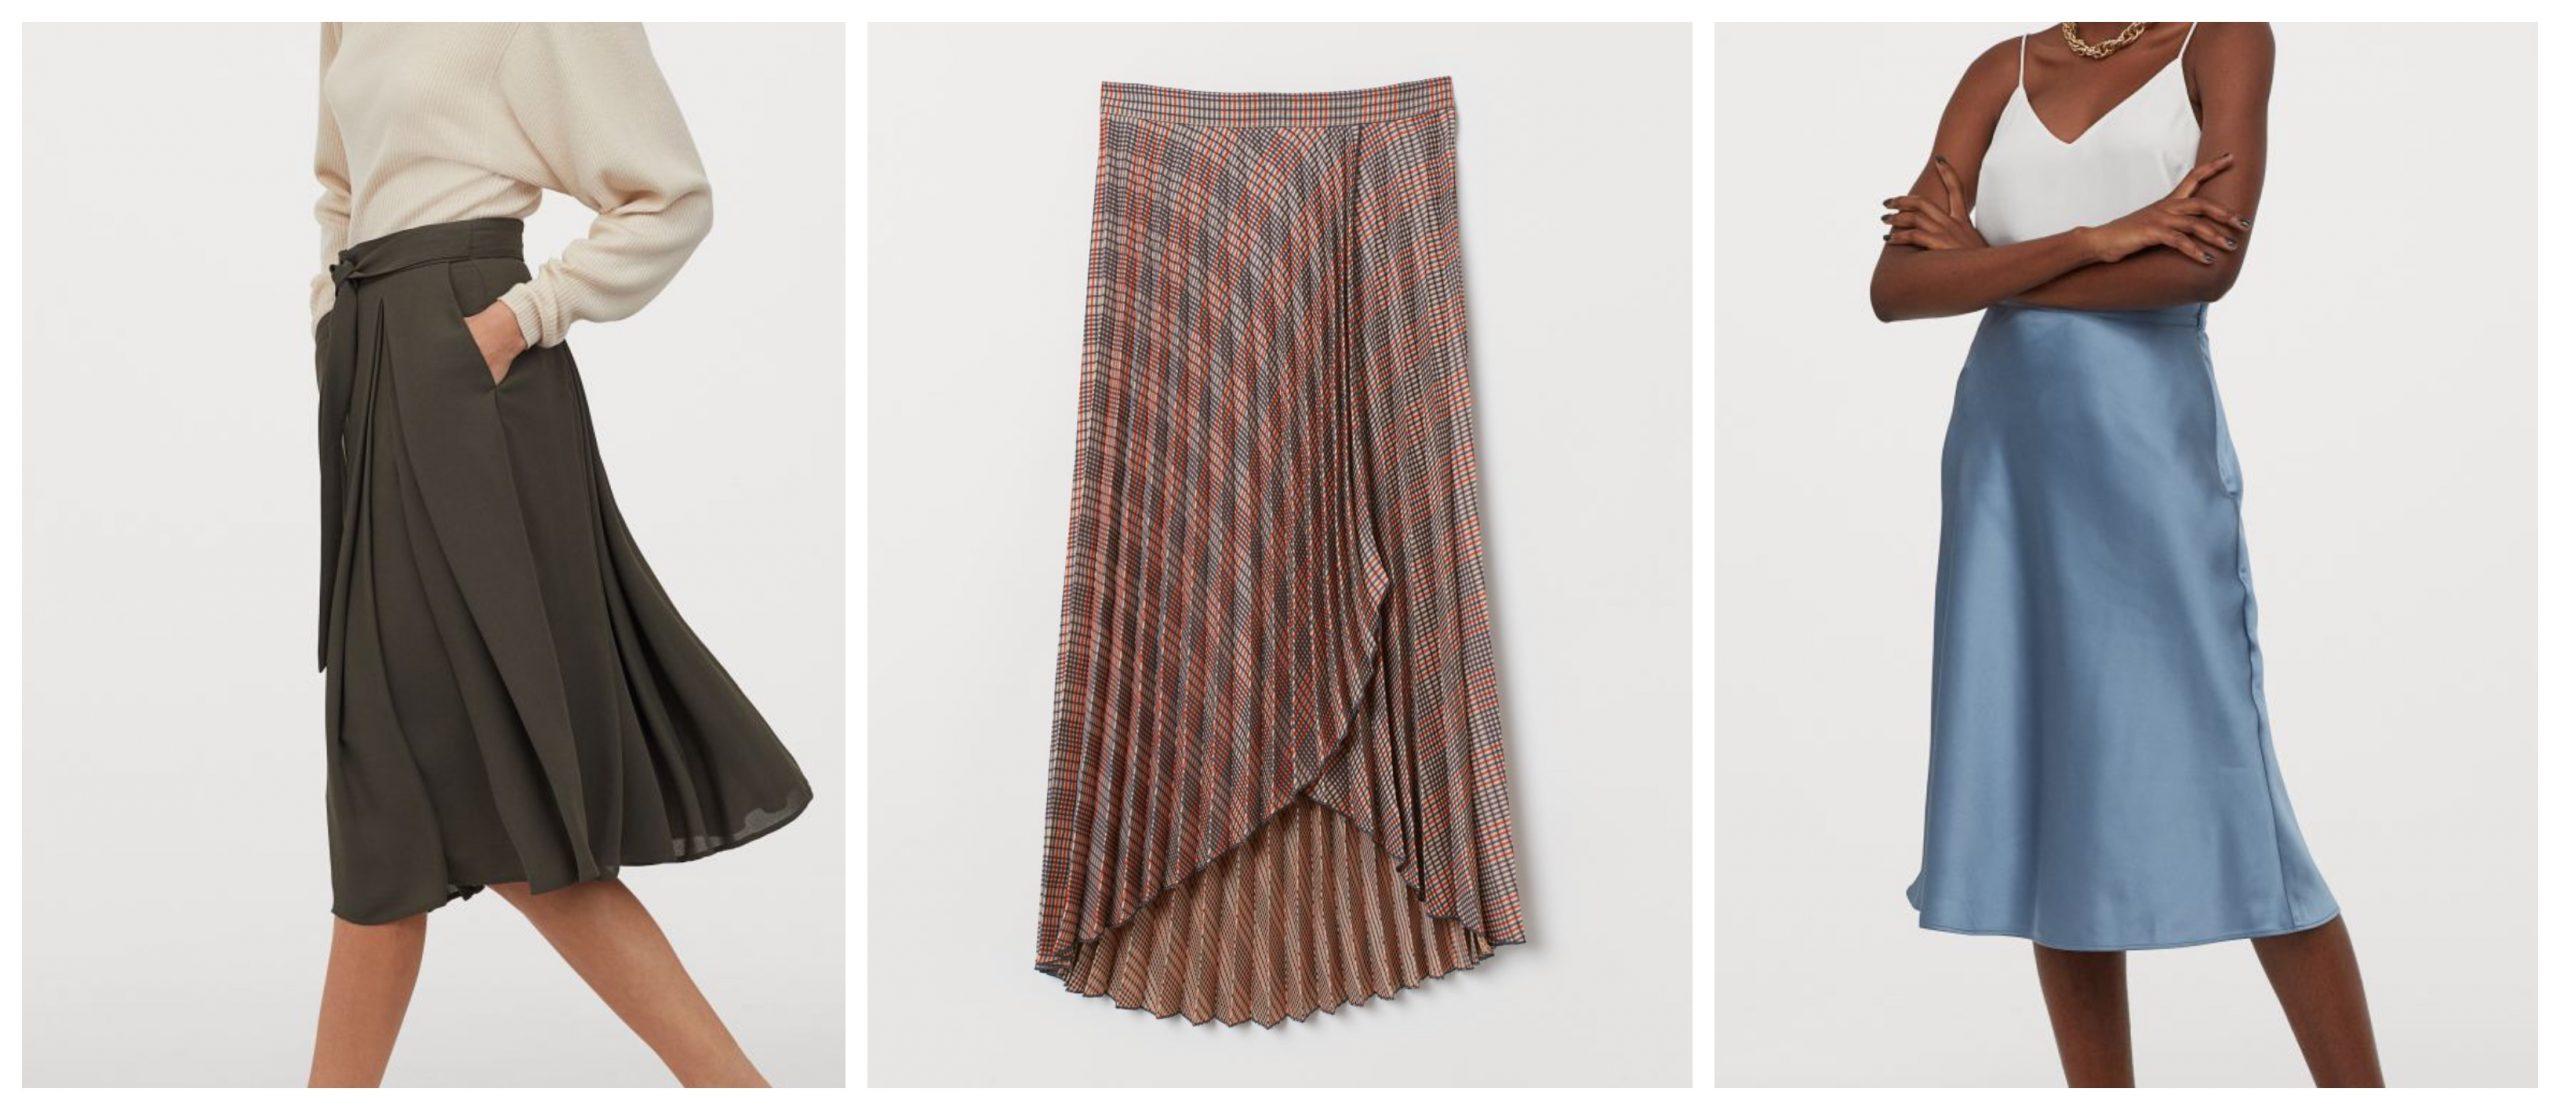 3 Faldas de H&M para lucir este verano con corte midi.